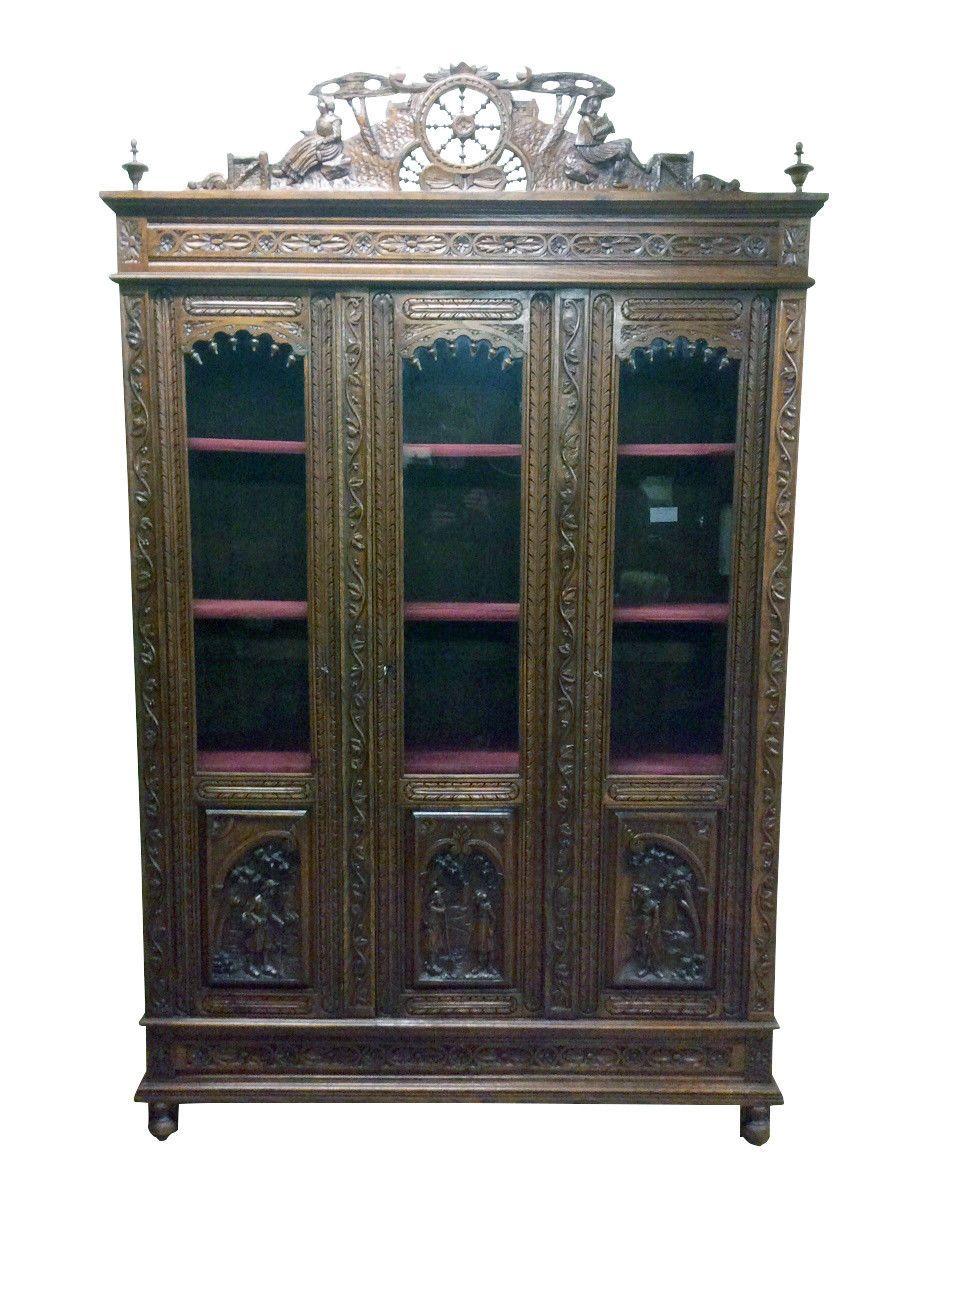 Unique Antique French Breton Cabinet Or Bookcase Oak 19th Century Ebay French Antiques Unique Antiques Antiques